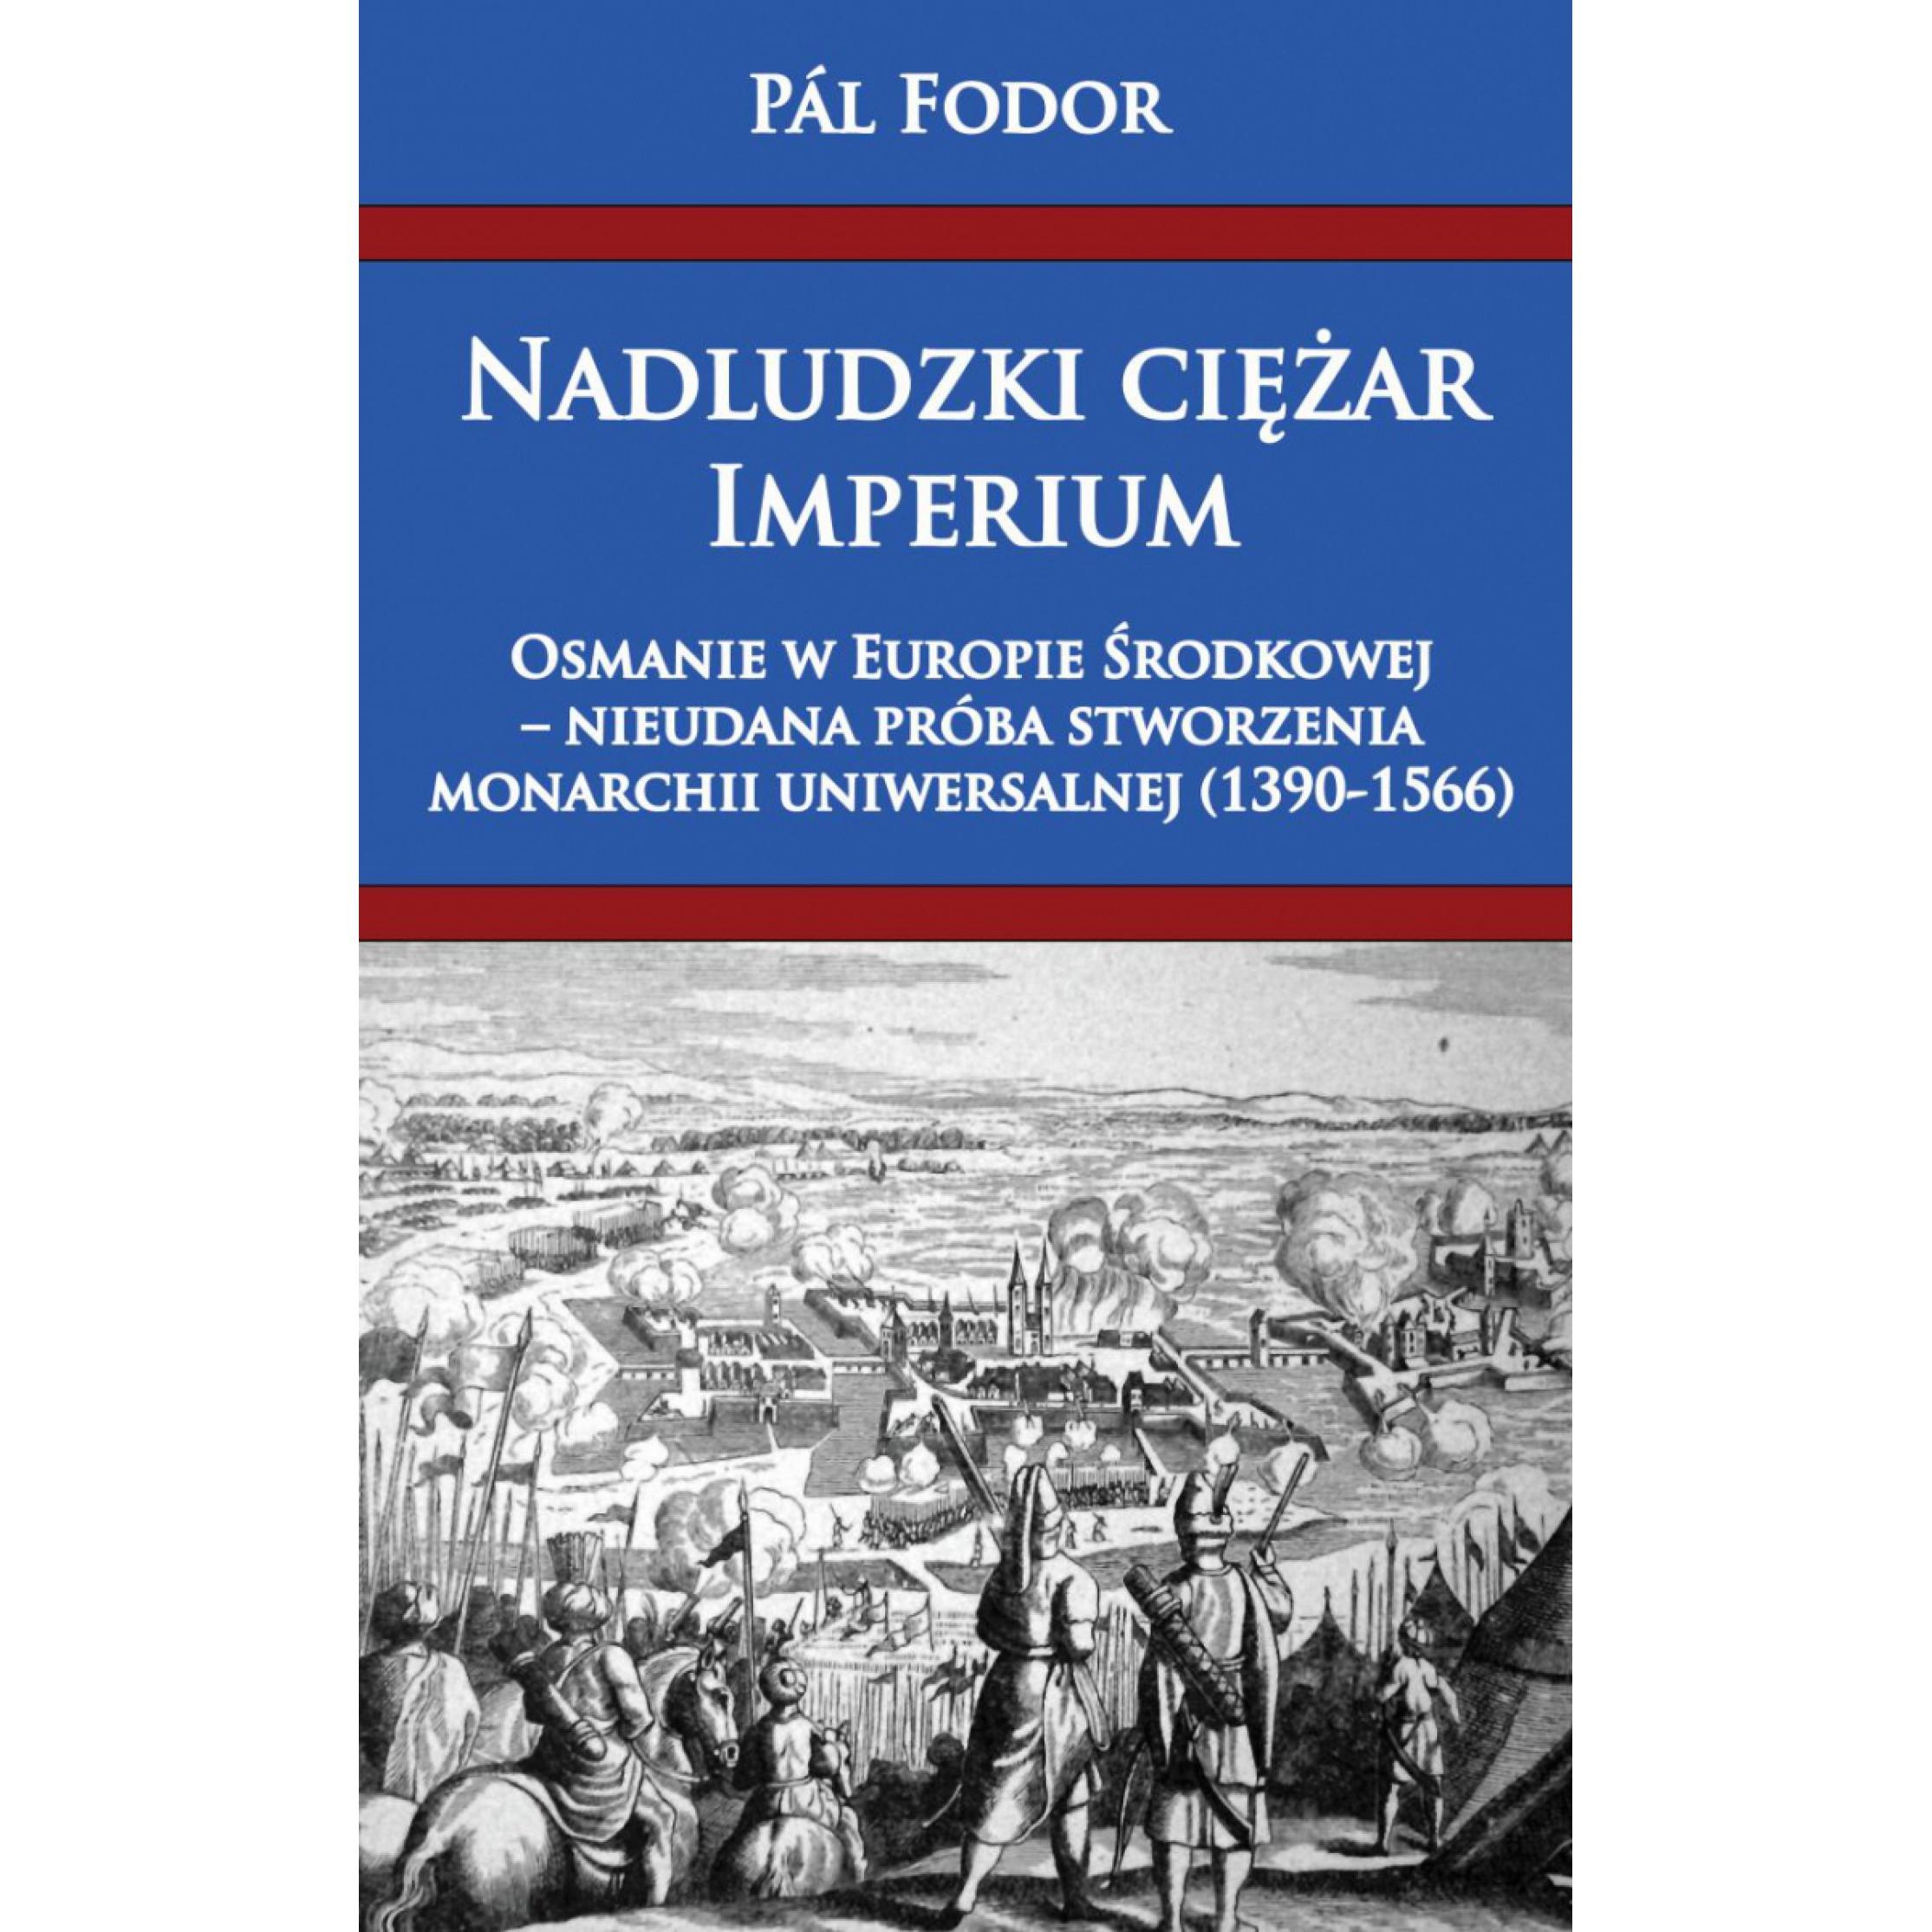 Nadludzki ciężar Imperium. Osmanie w Europie Środkowej – nieudana próba stworzenia monarchii uniwersalnej (1390-1566)